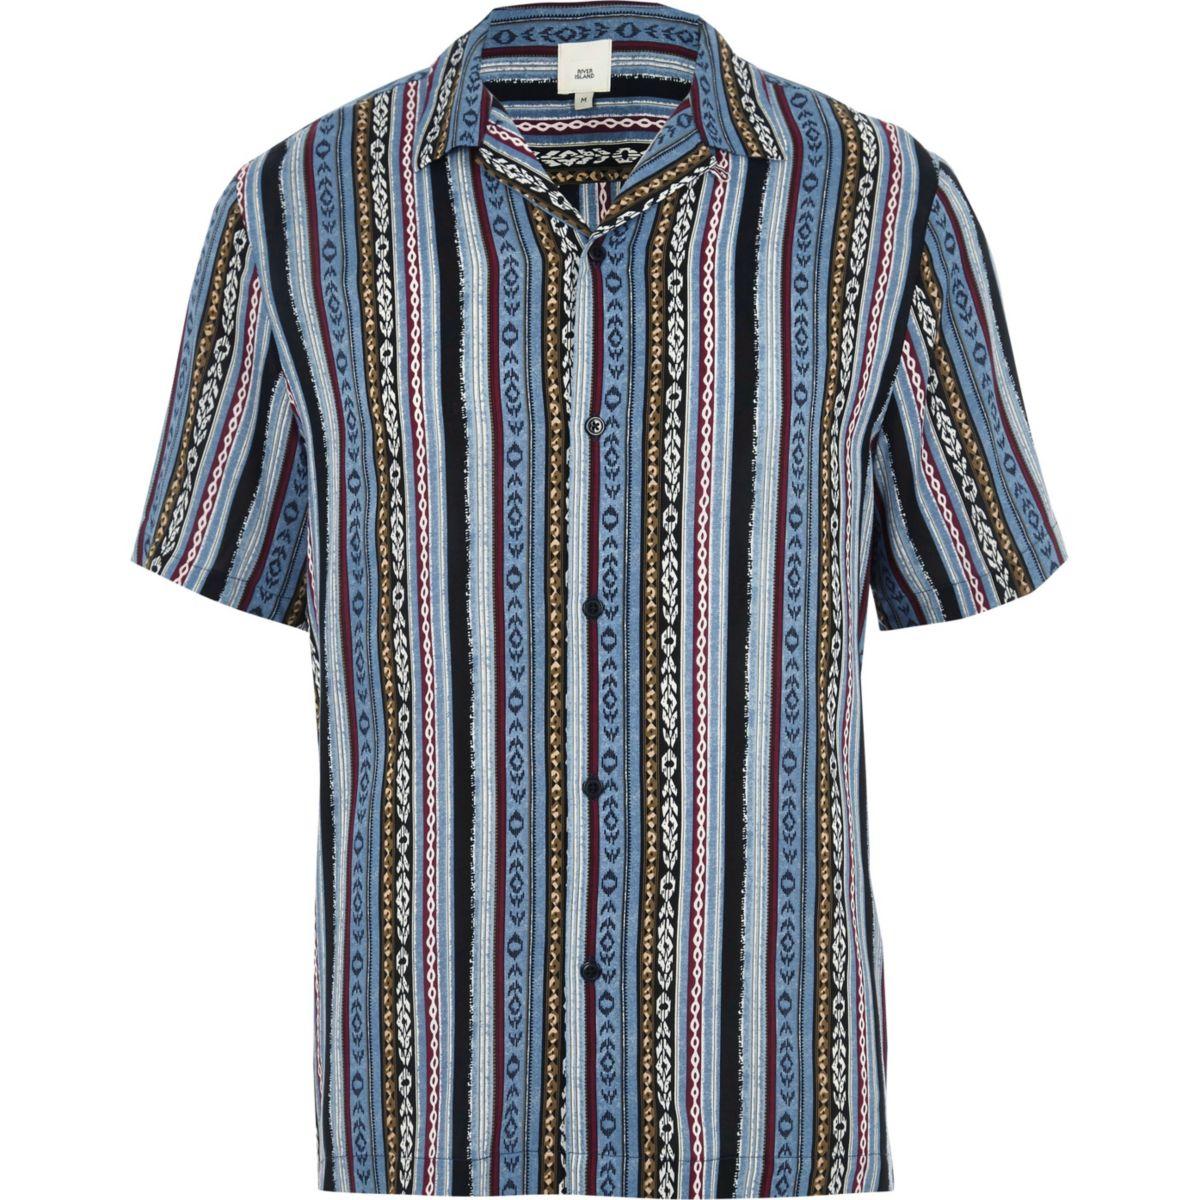 Chemise imprimé aztèque bleue à manches courtes